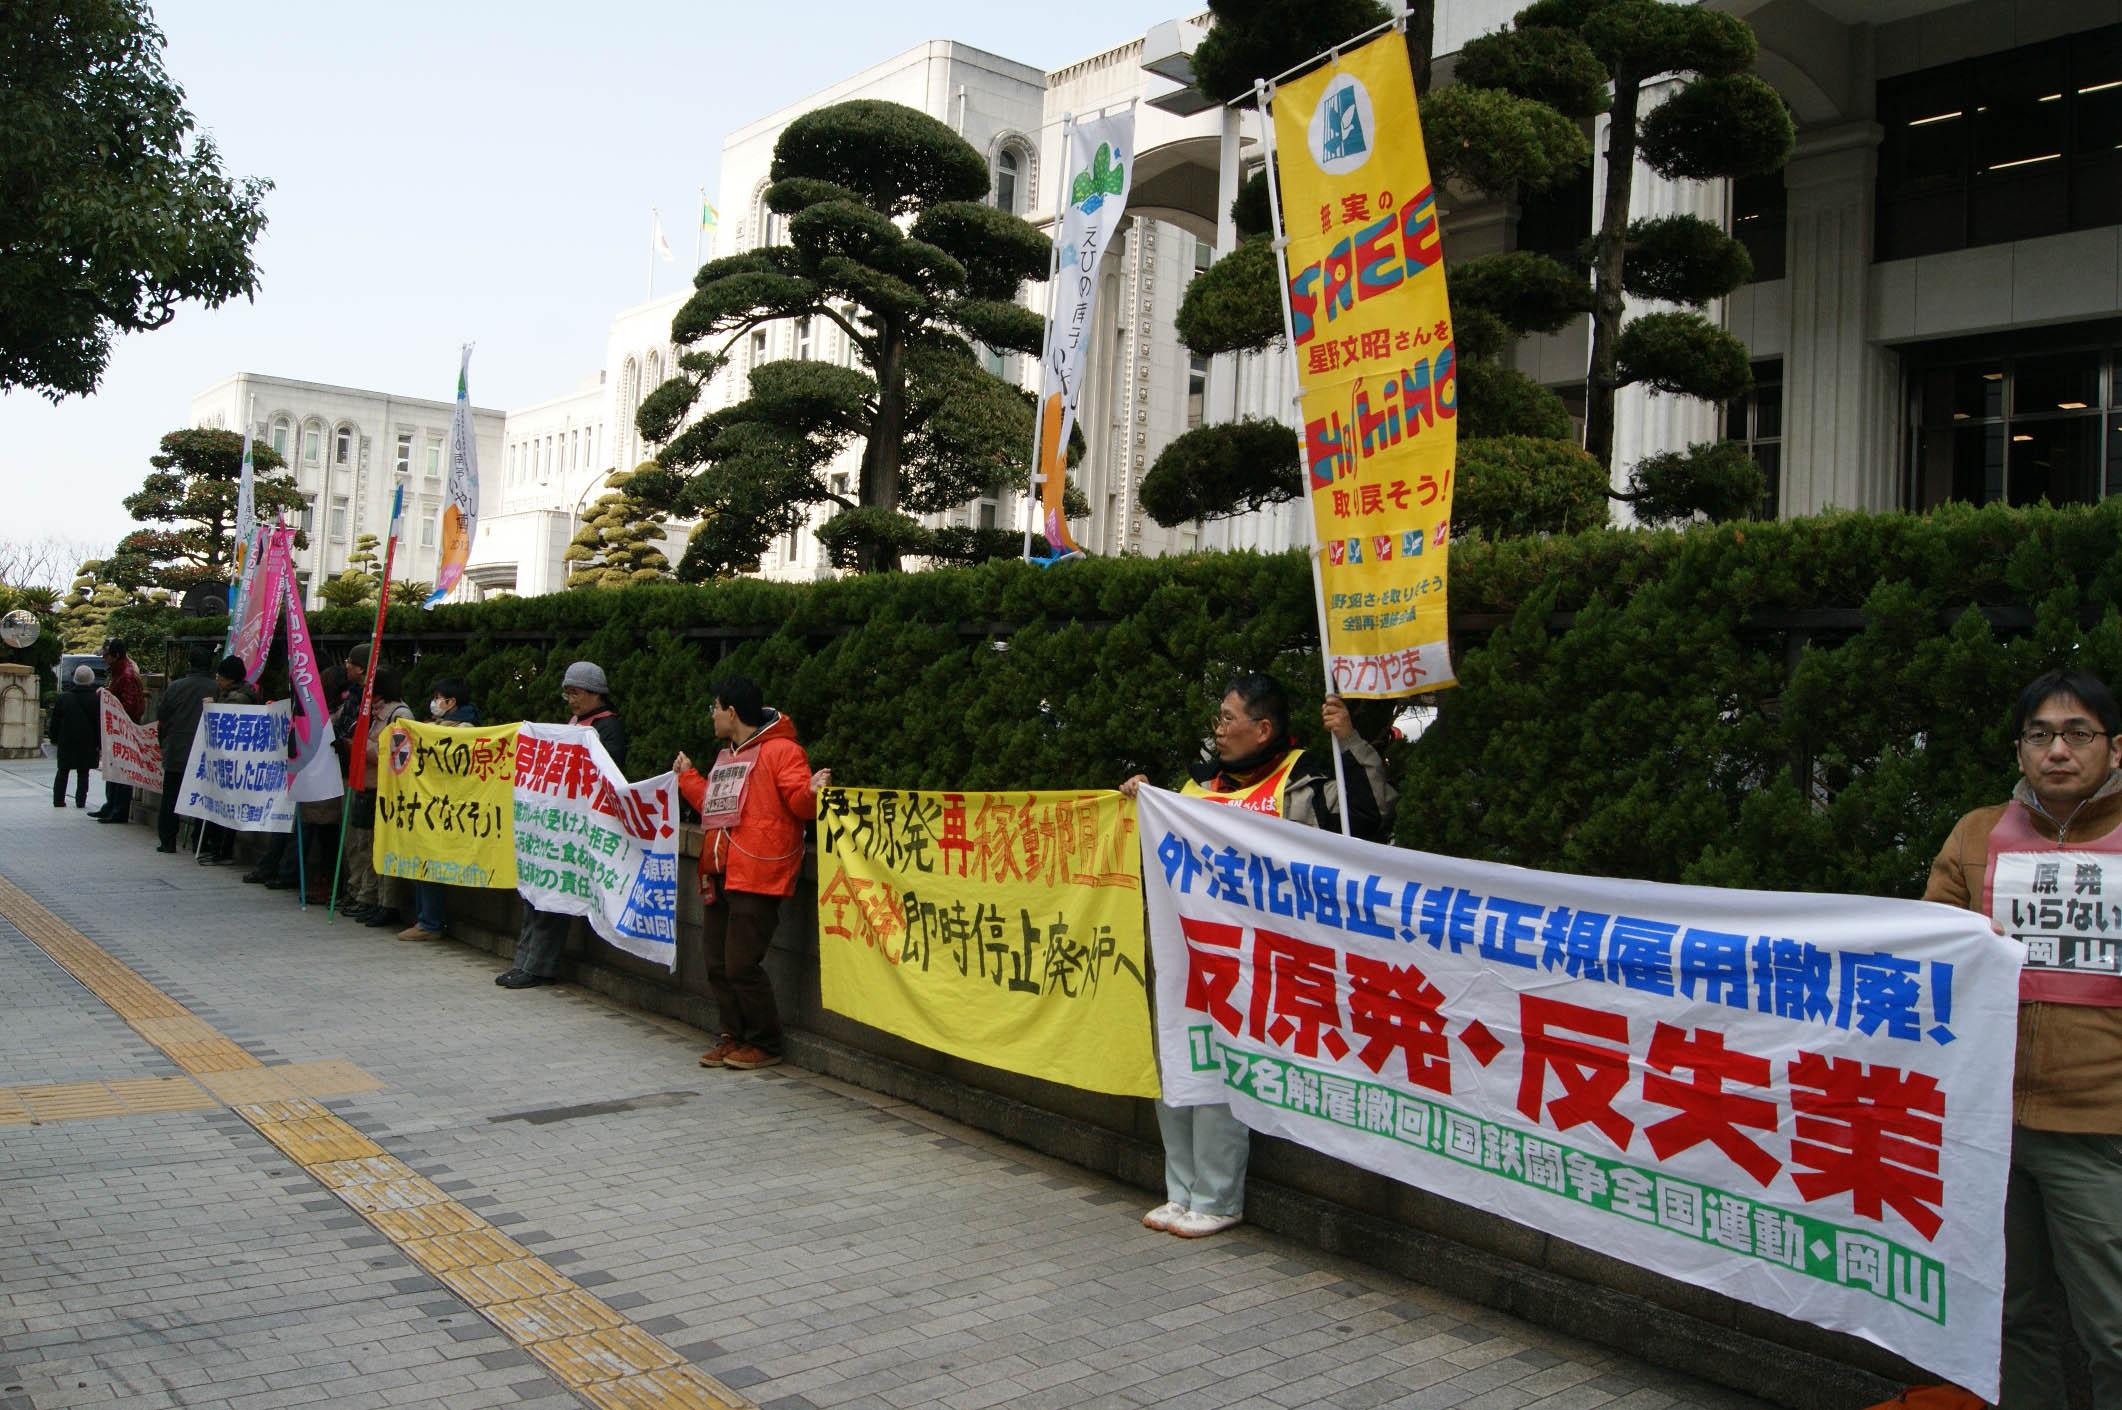 愛媛県庁前で再稼働に向けての訓練の中止を求めて抗議中_d0155415_21191593.jpg